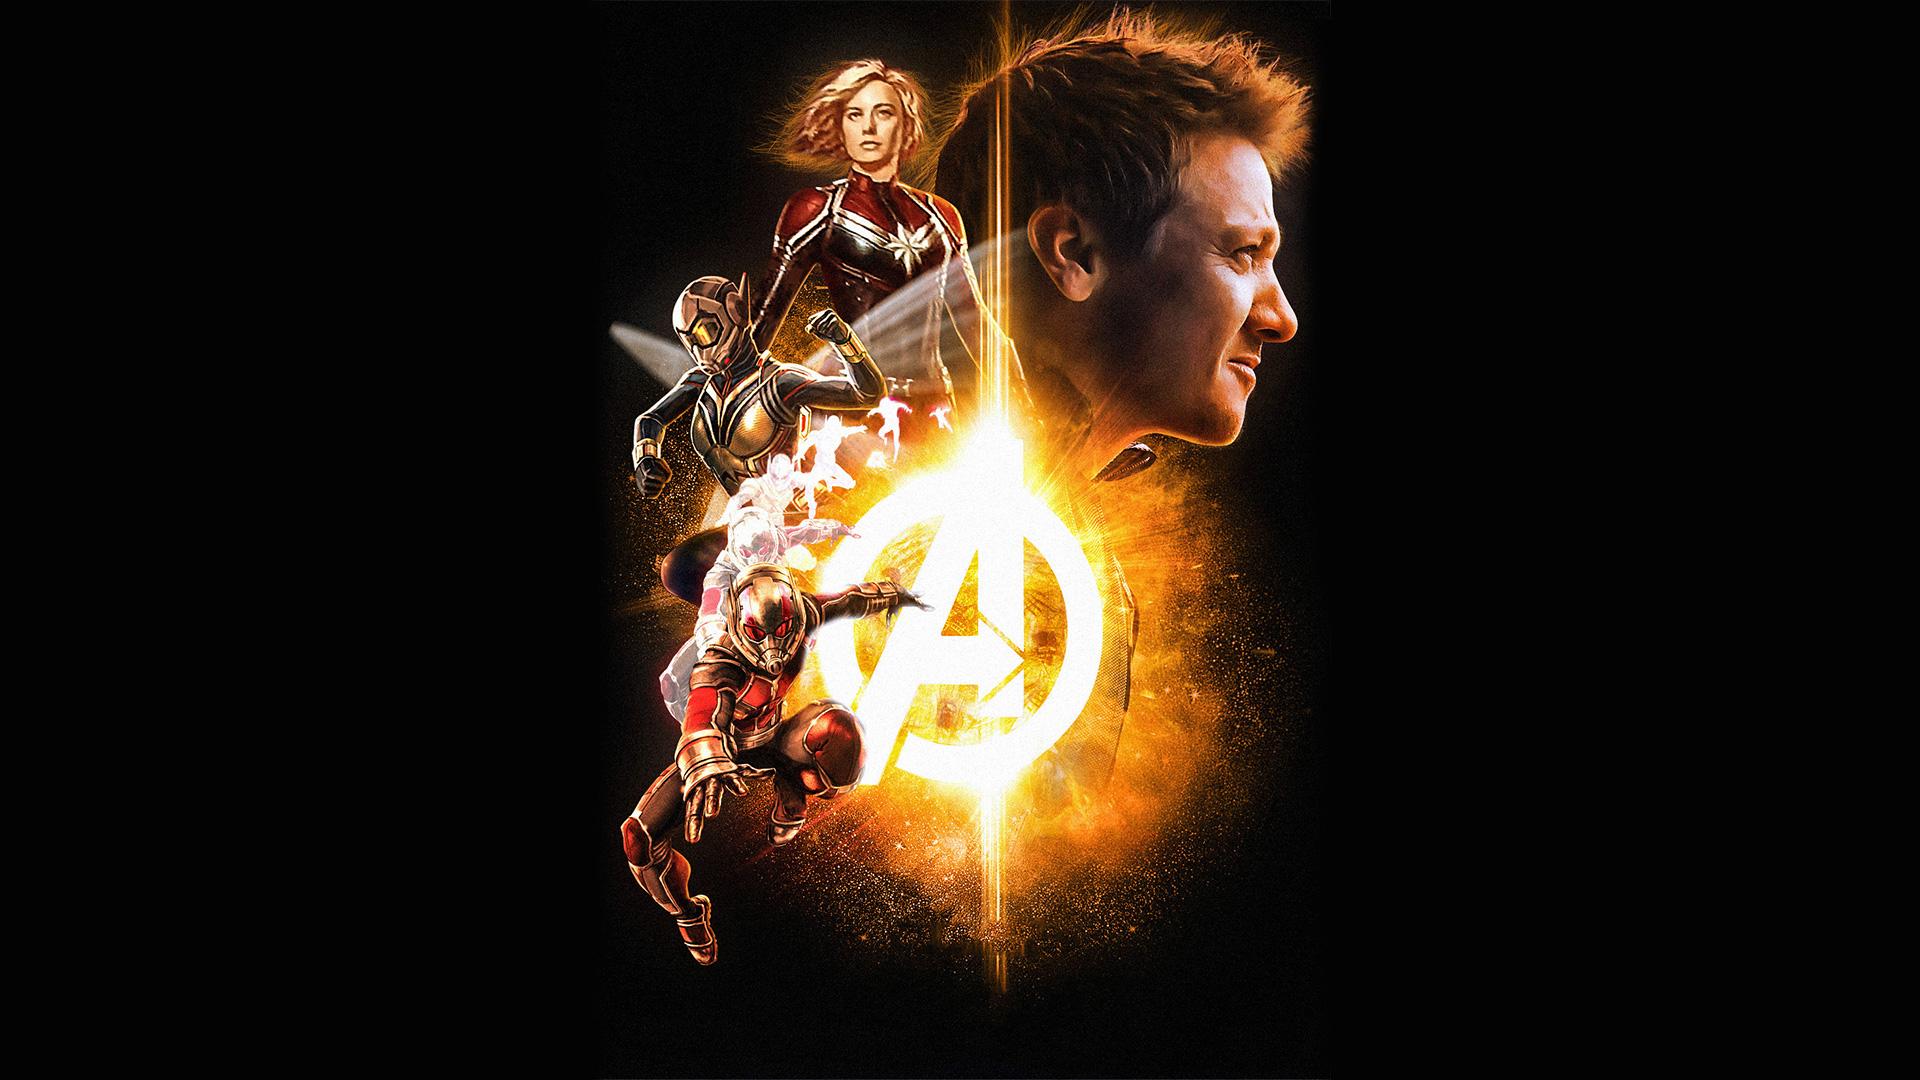 Слитые арты фильма «Мстители: Финал» показали, как будет выглядеть Ронин